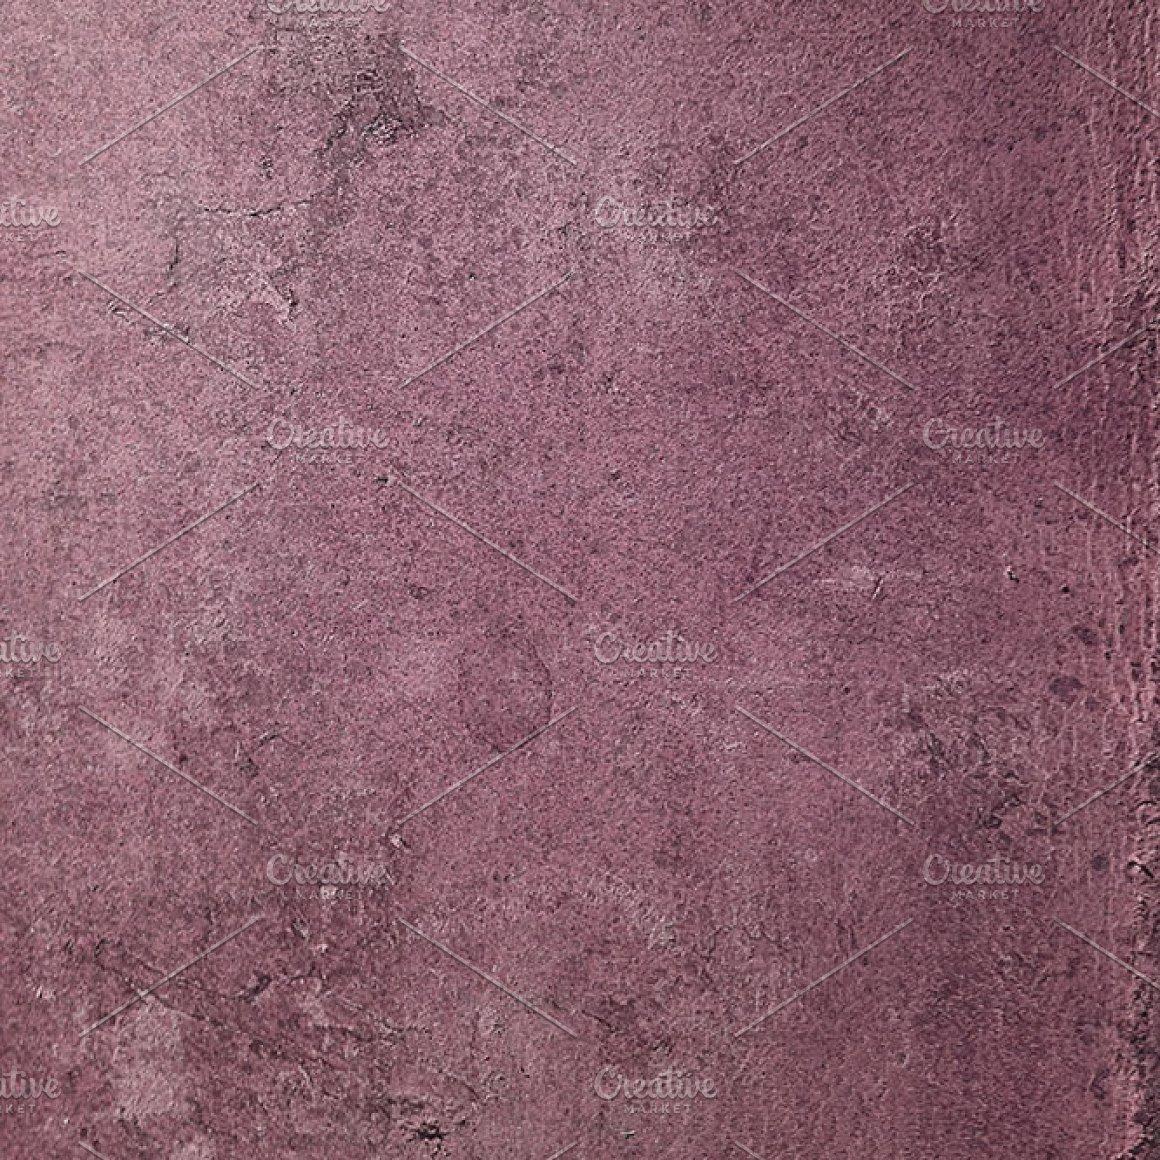 12款复古金箔水彩皮革木材纹理背景图片设计素材 Burnished Gold Patterns & Textures插图2